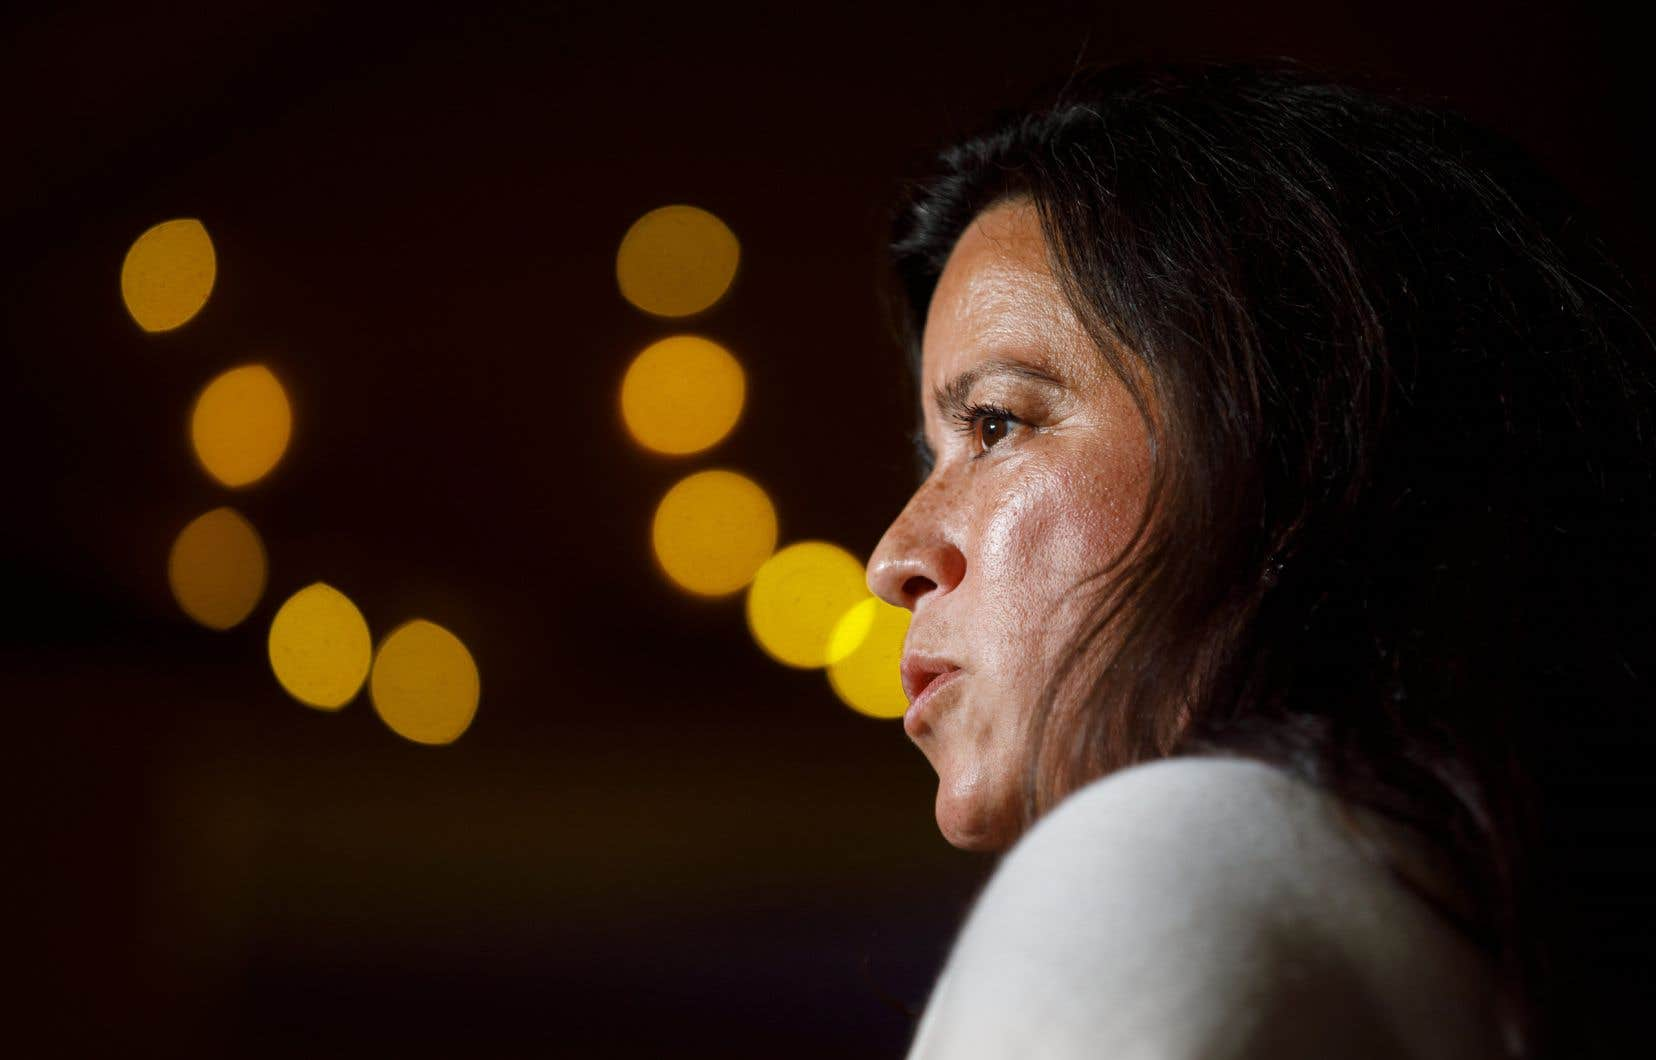 Jody Wilson-Raybould était parvenue, il y a deux ans, à convaincre les électeurs de Vancouver Granville de lui confier un second mandat au Parlement fédéral, et ce, quelques mois à peine après avoir claqué la porte de l'équipe de Justin Trudeau.